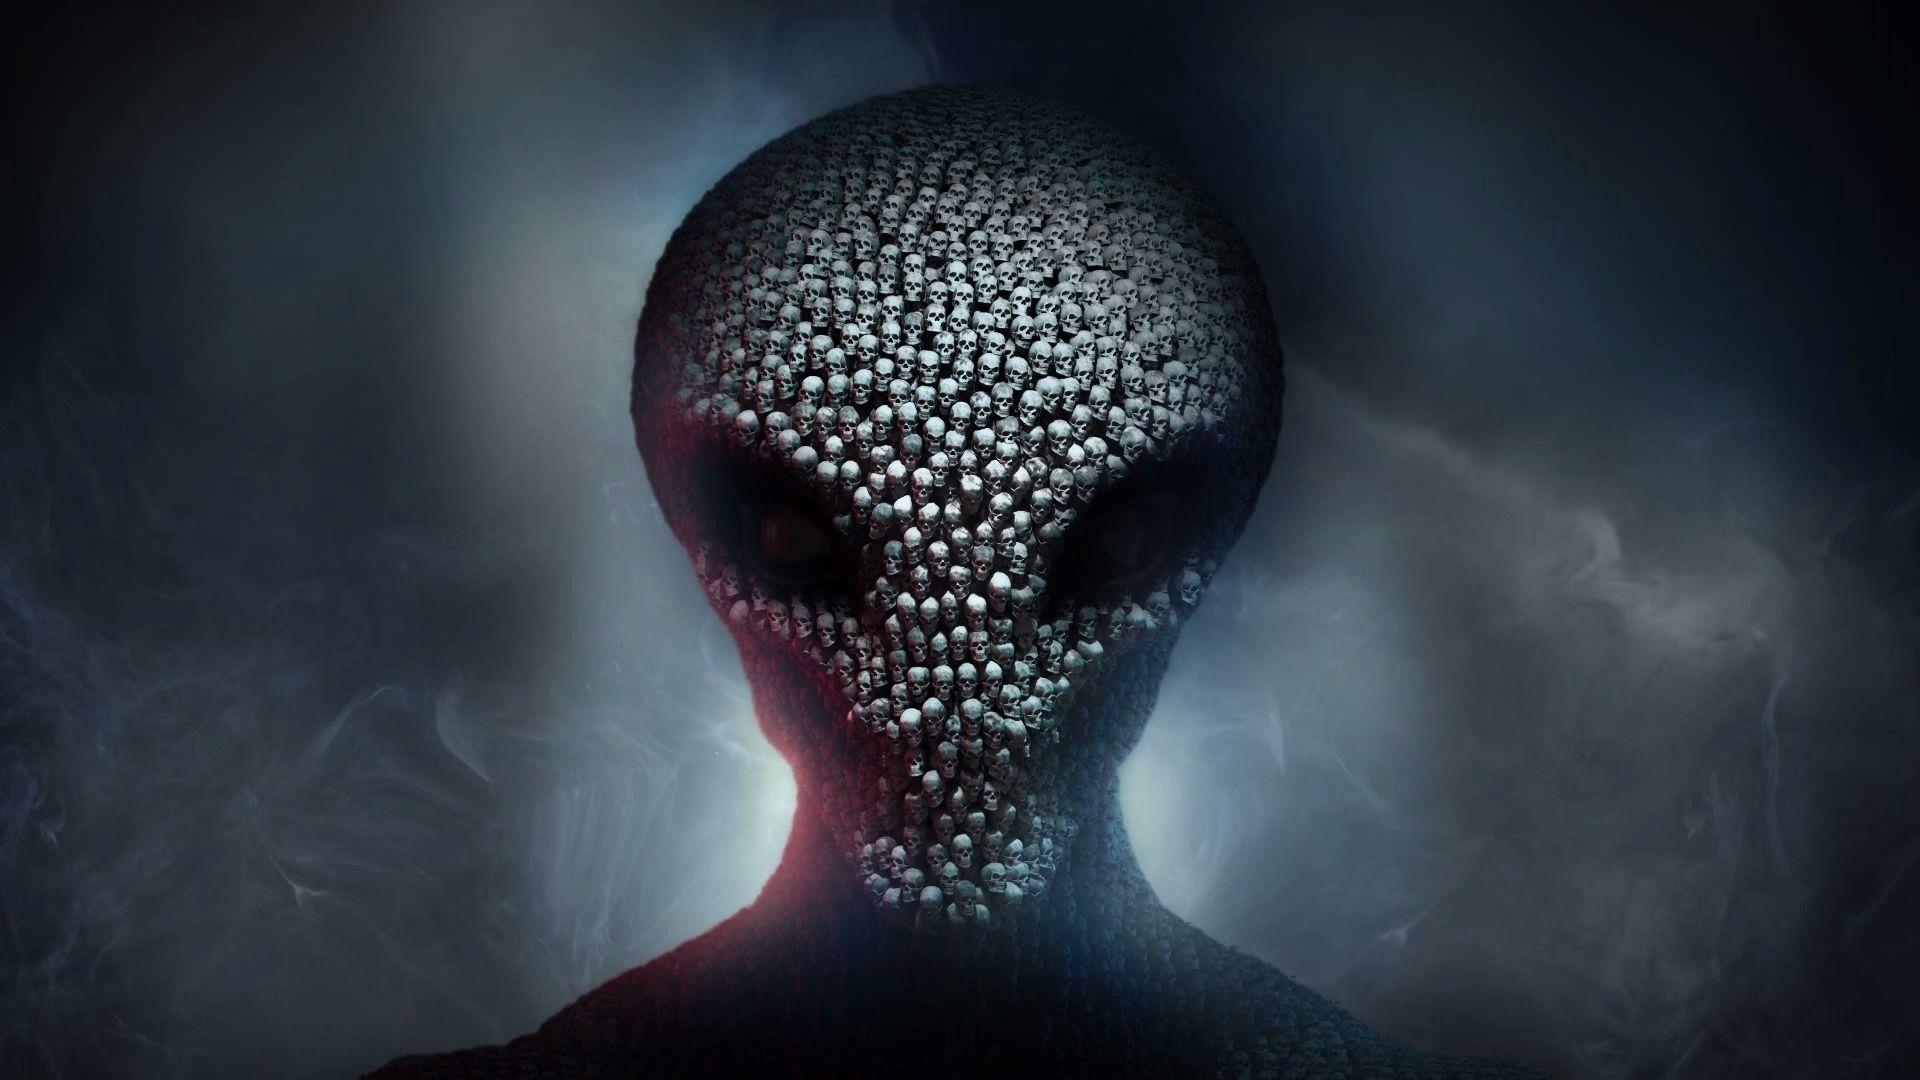 skull wallpaper android apps on google play a— best skull